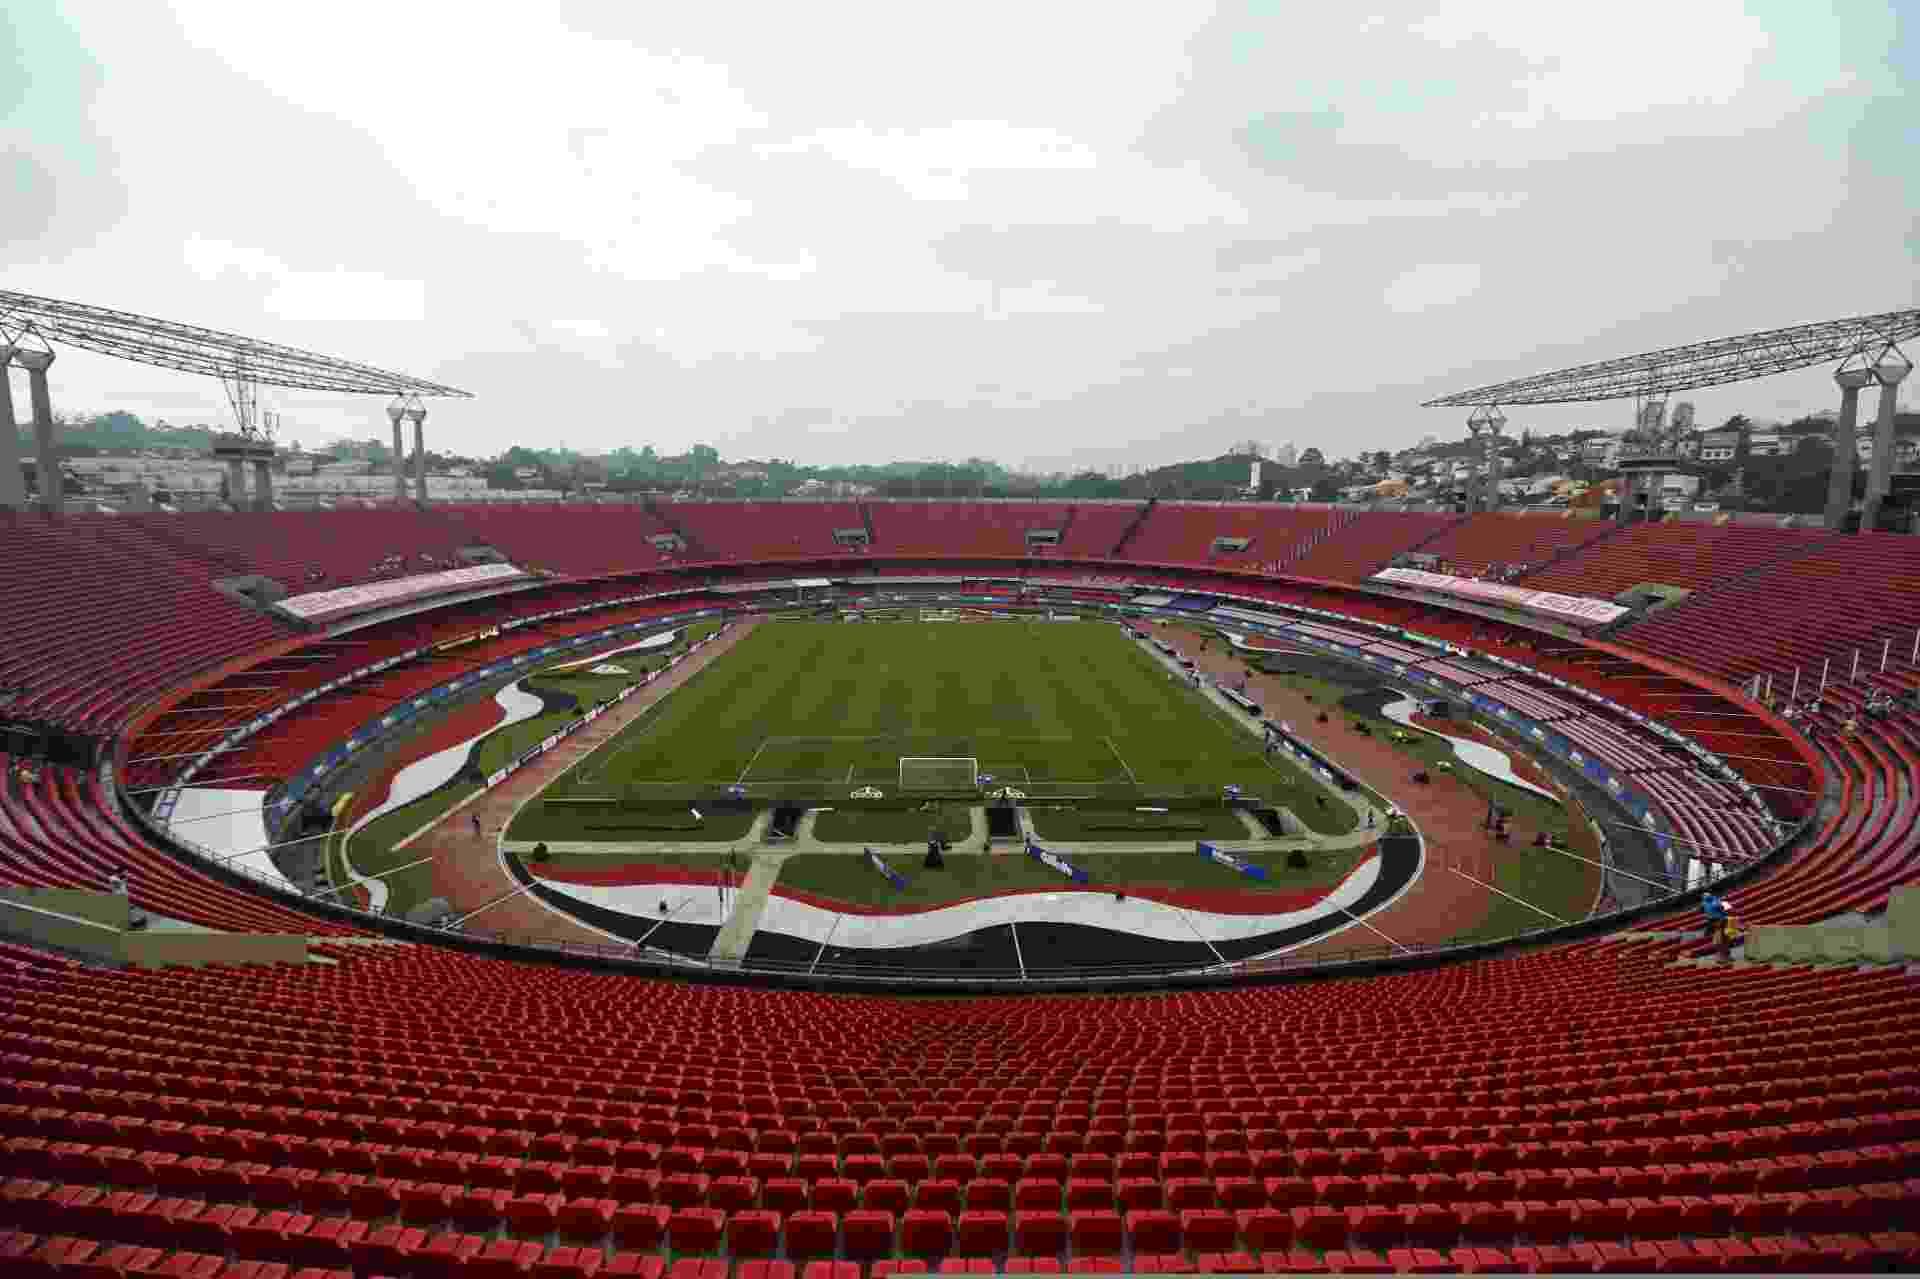 Visão geral do estádio Morumbi, em dia nublado, horas antes da partida entre Brasil e Sérvia, - Heuler Andrey/Mowa Press